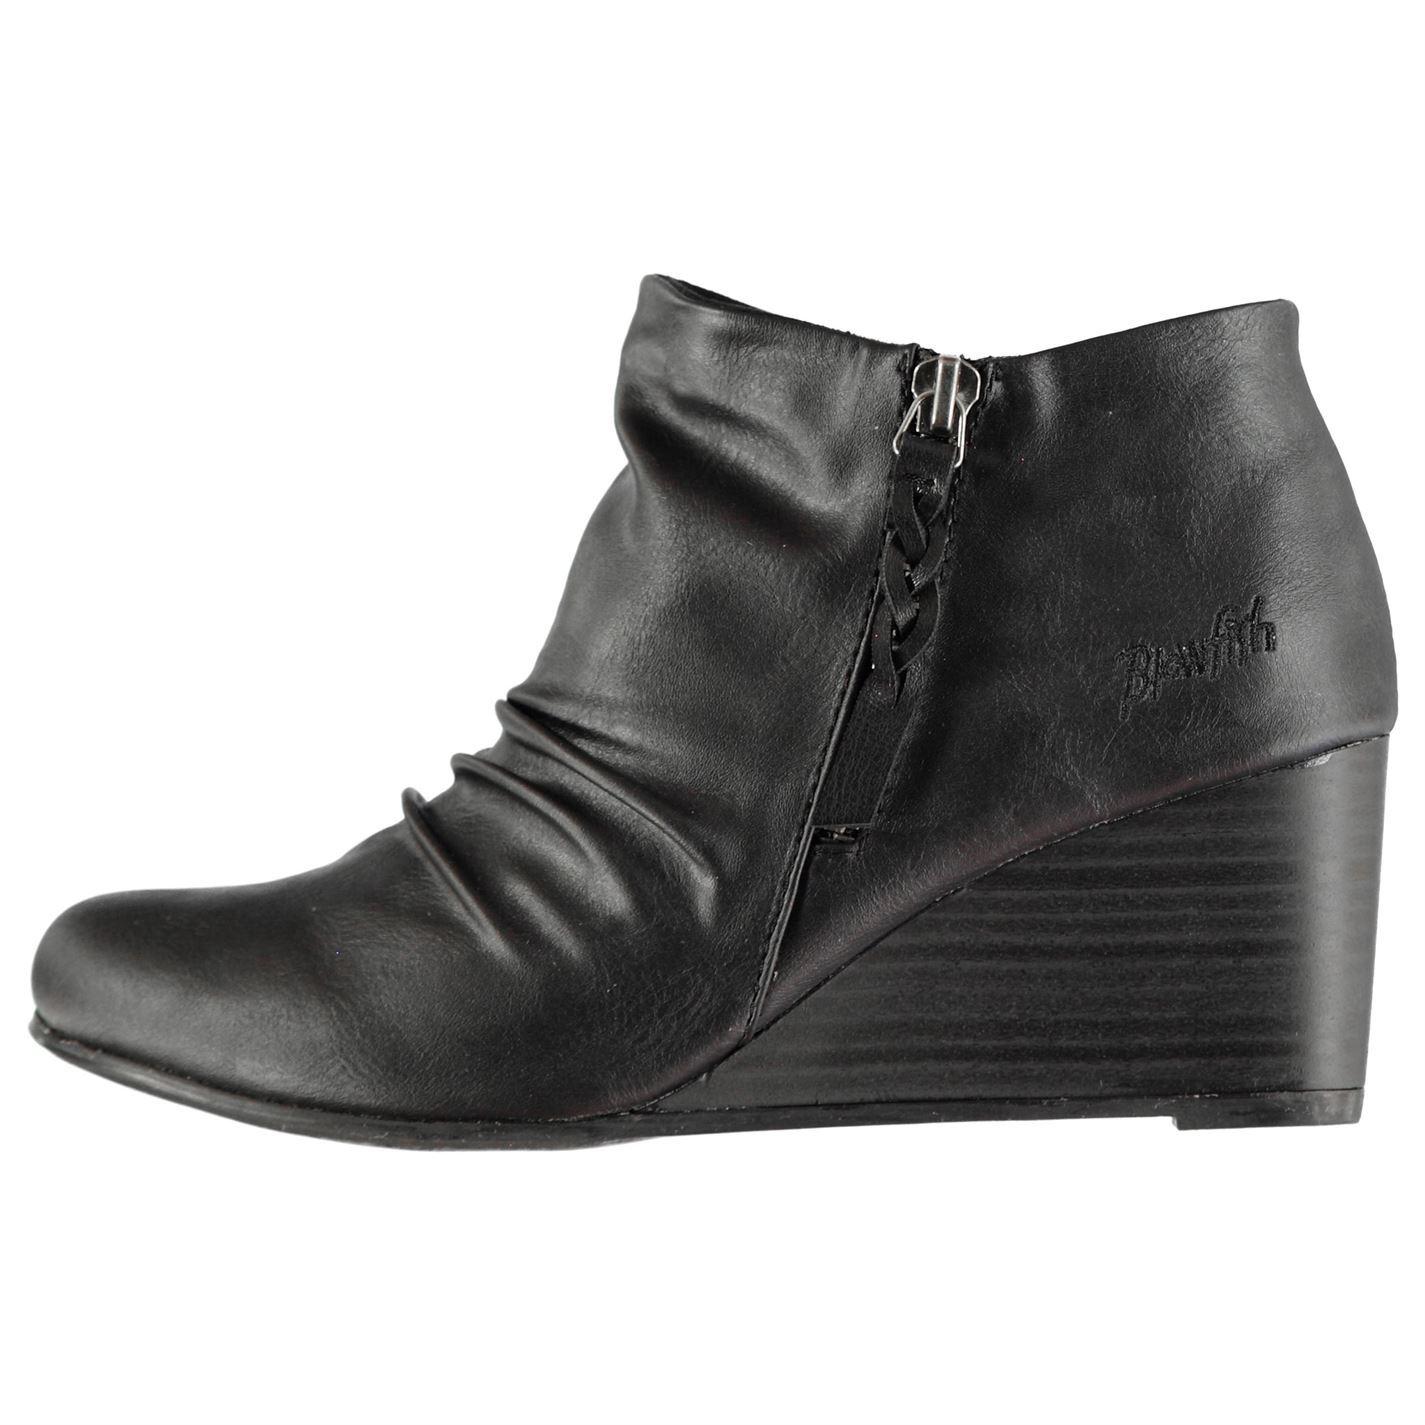 47ce1ef1586 Blowfish Balta Botines con Tacón de Plataforma Mujer Calzado Zapatos ...